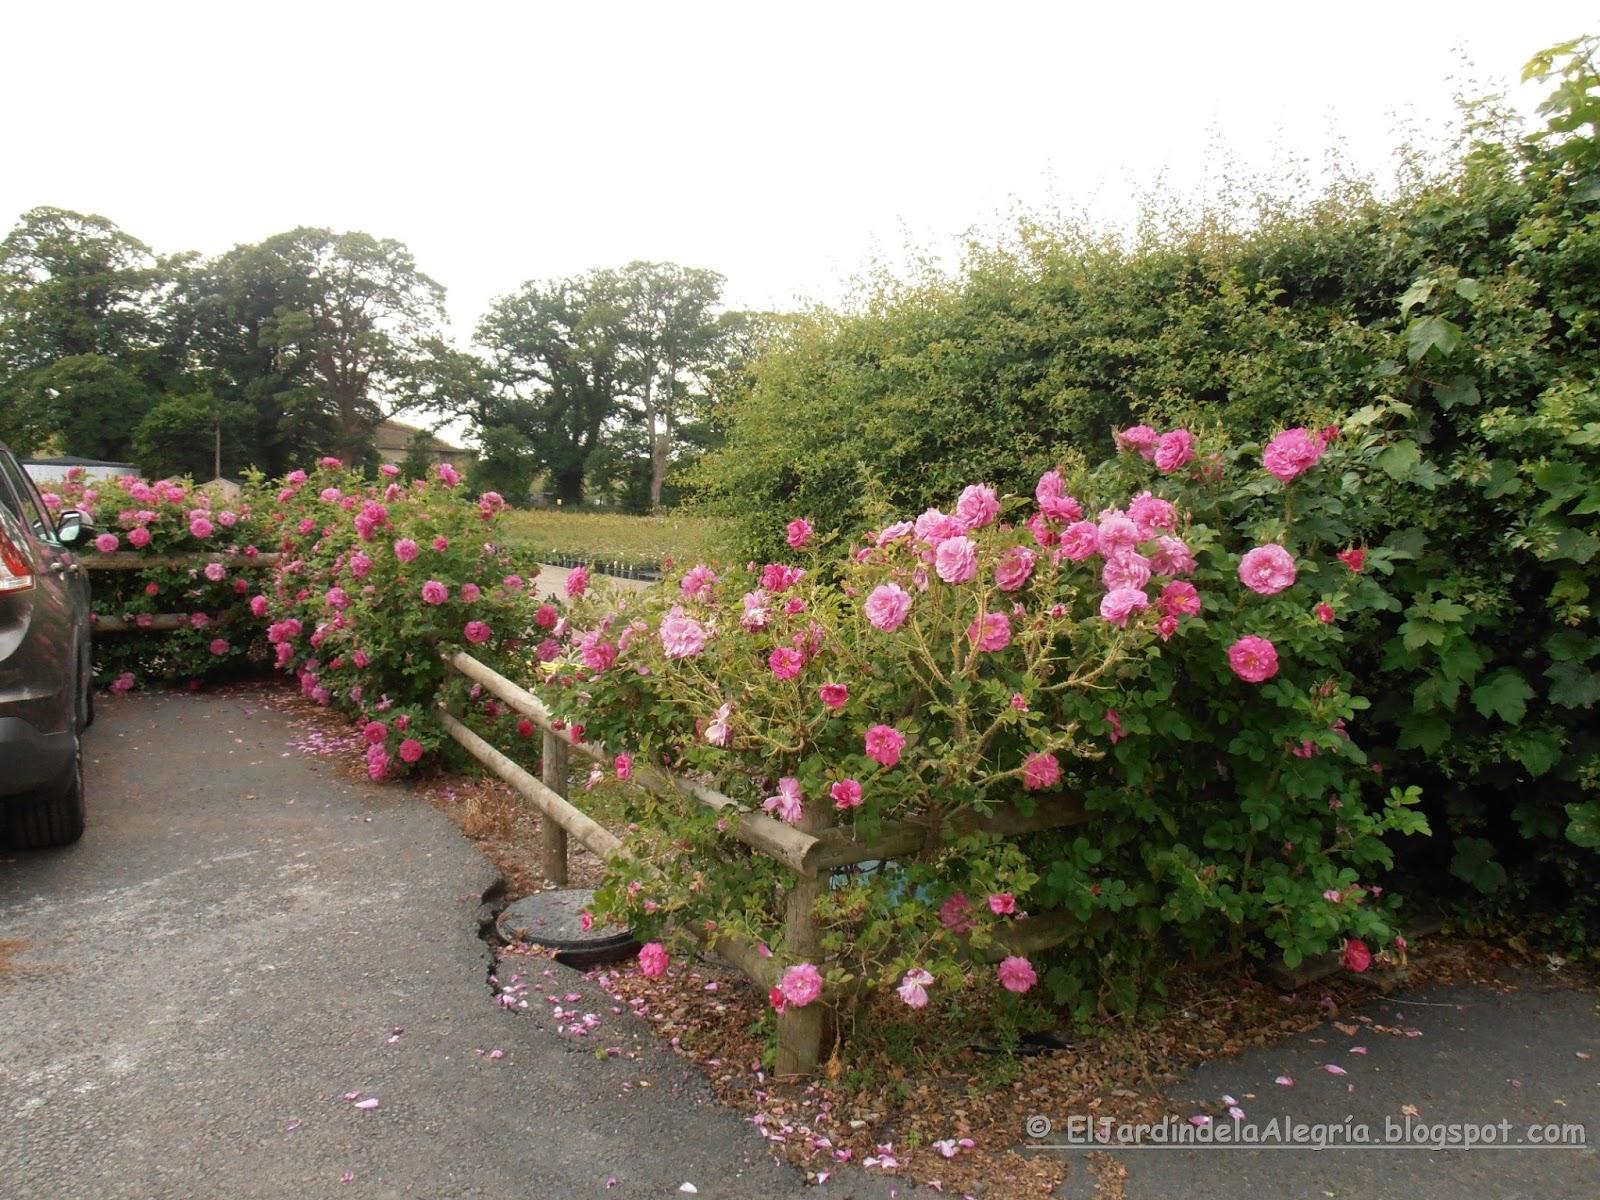 El jard n de la alegr a llegaron los rosales que ped for Jardin los rosales